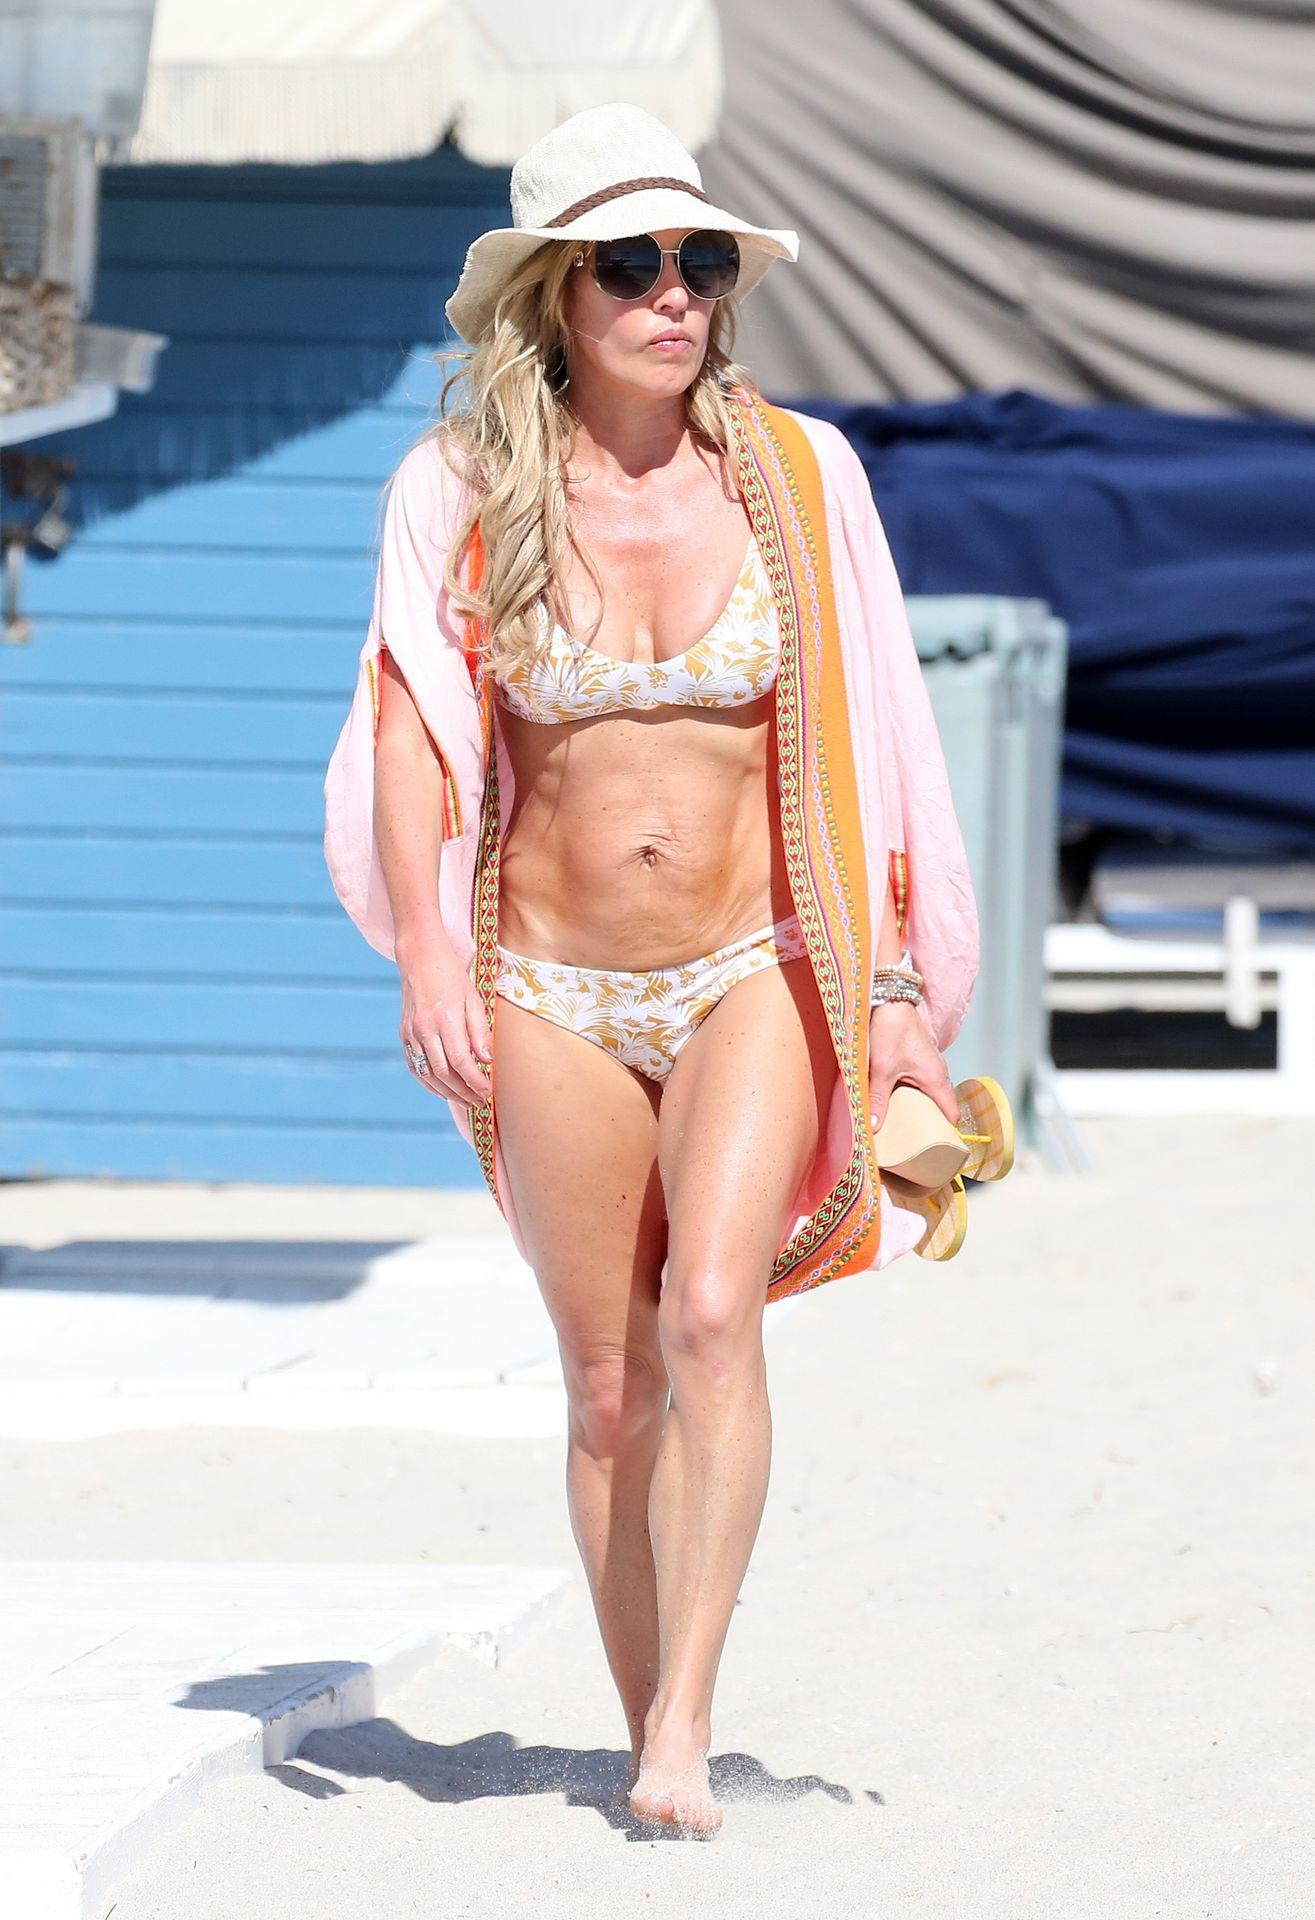 Braunwyn Windham Burke Wears A Bikini On The Beach In Miami 0027